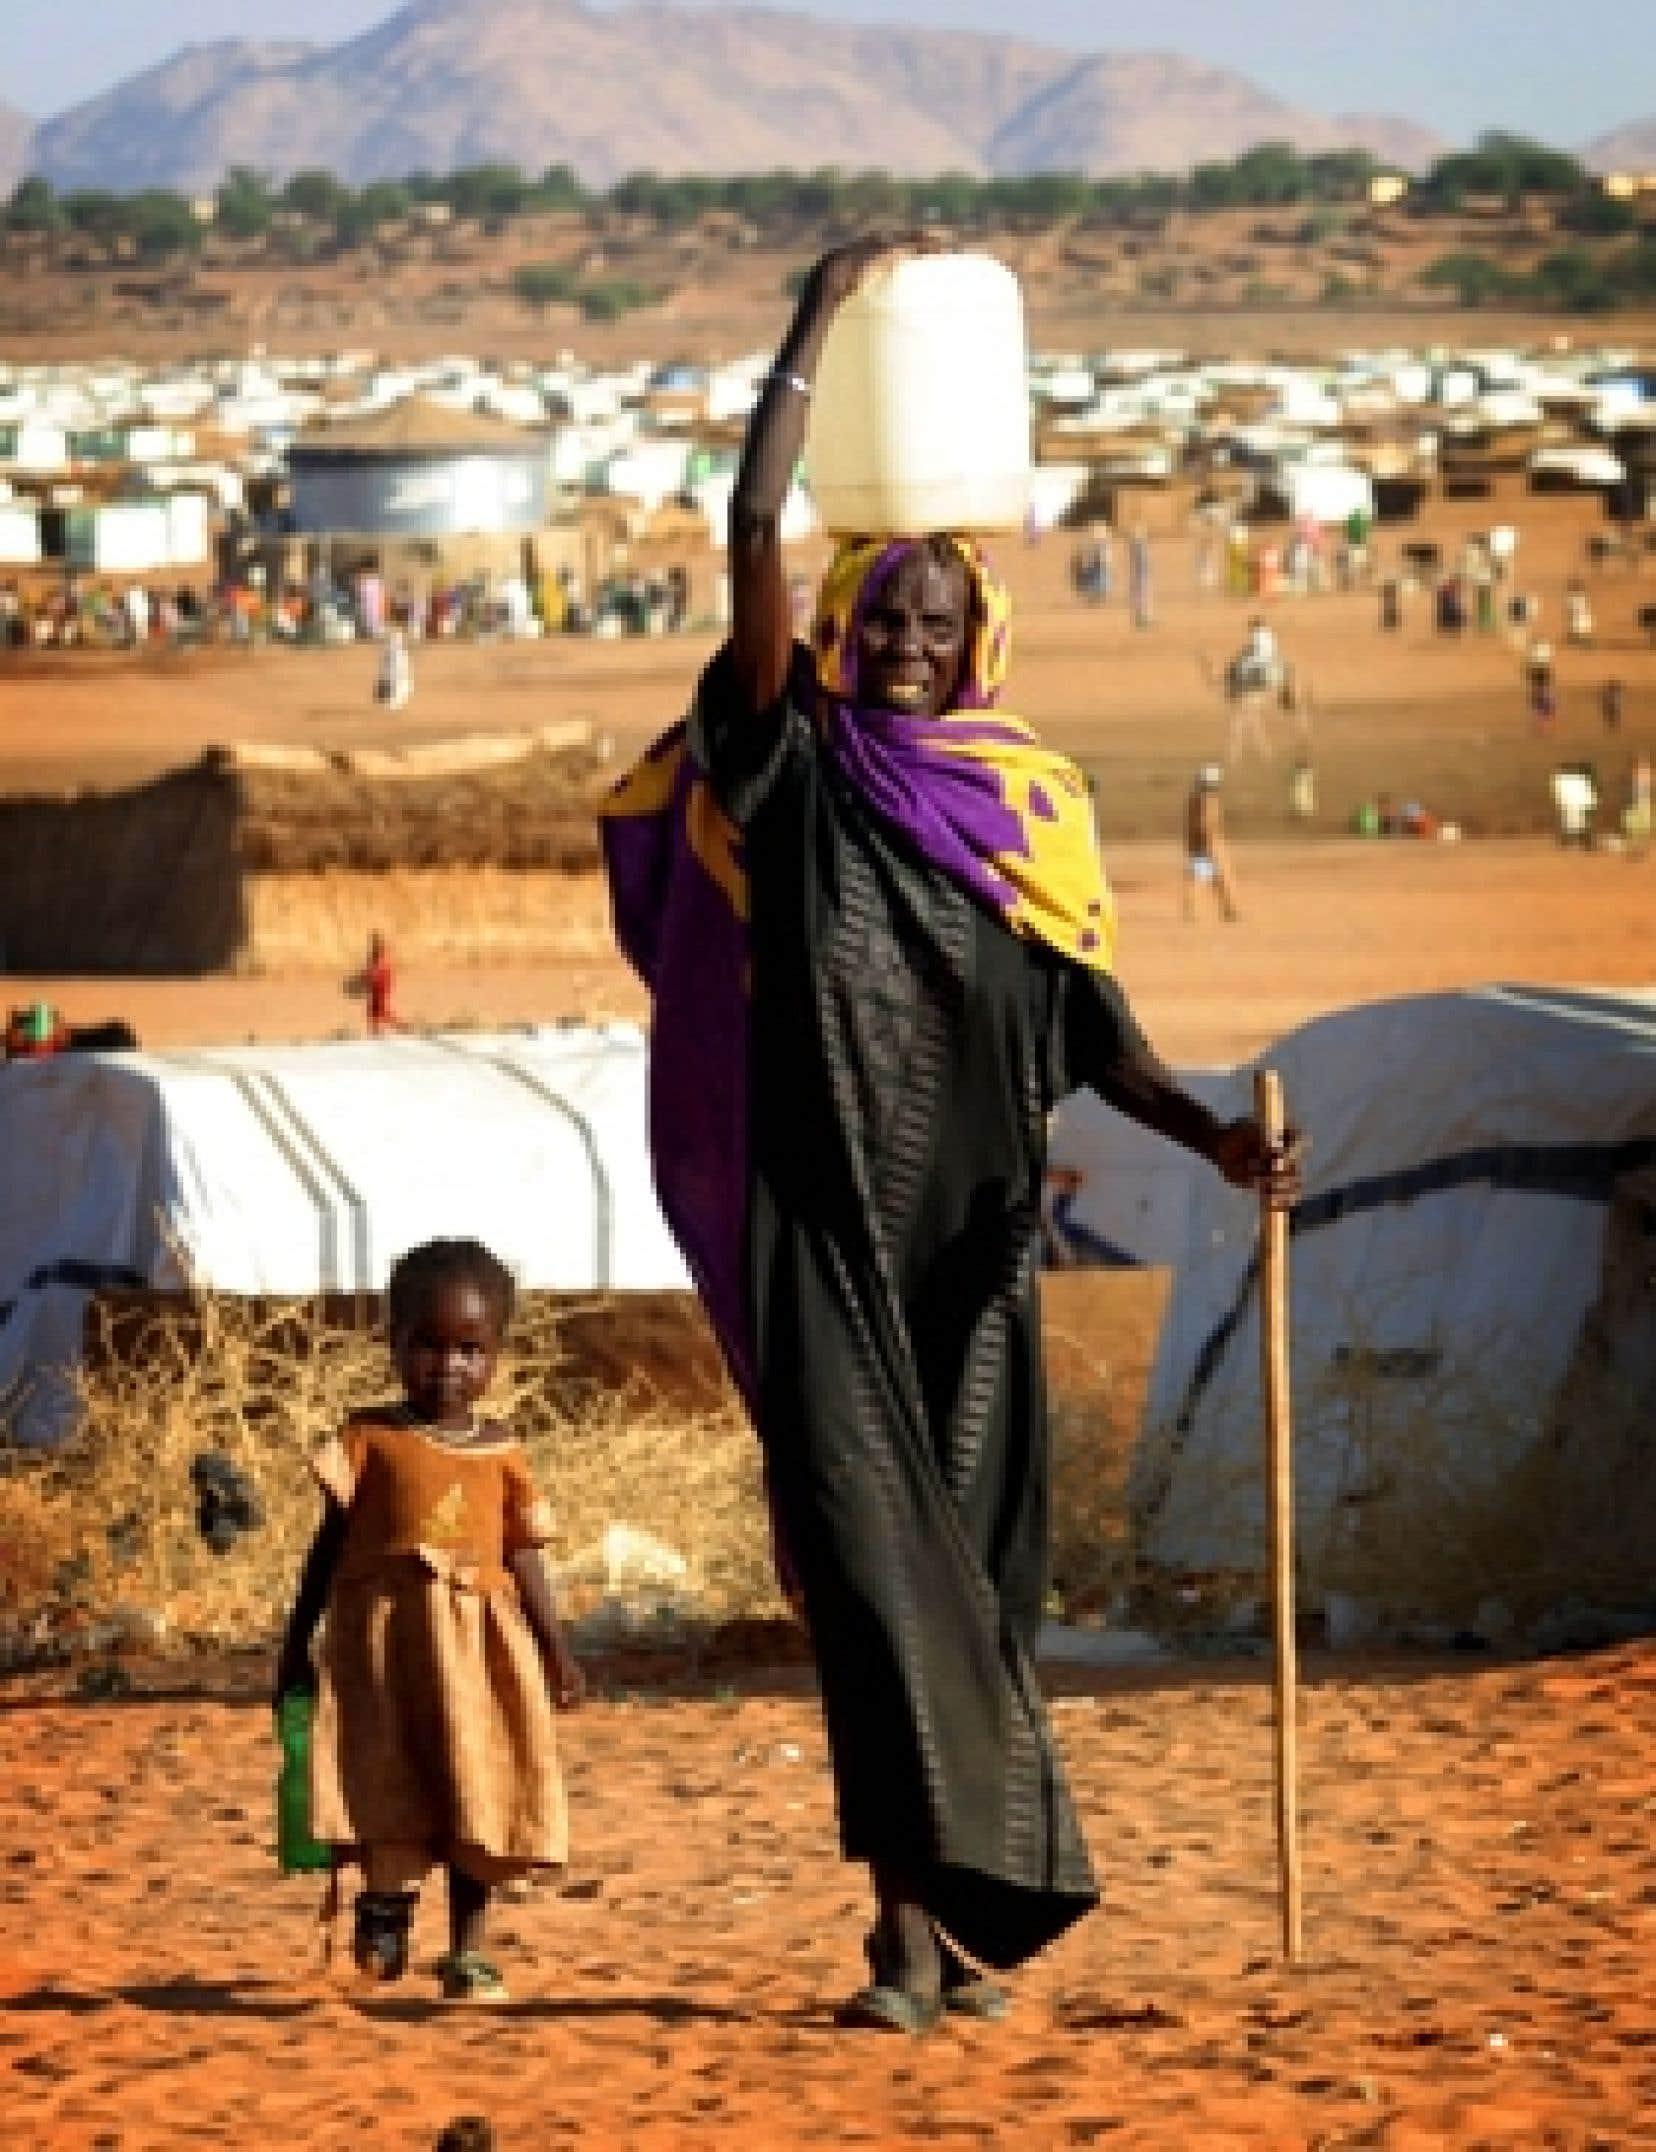 Depuis 2003, 300 000 personnes ont péri au Darfour, où les milices janjawids sèment la terreur, et un plus grand nombre encore ont été déplacées.